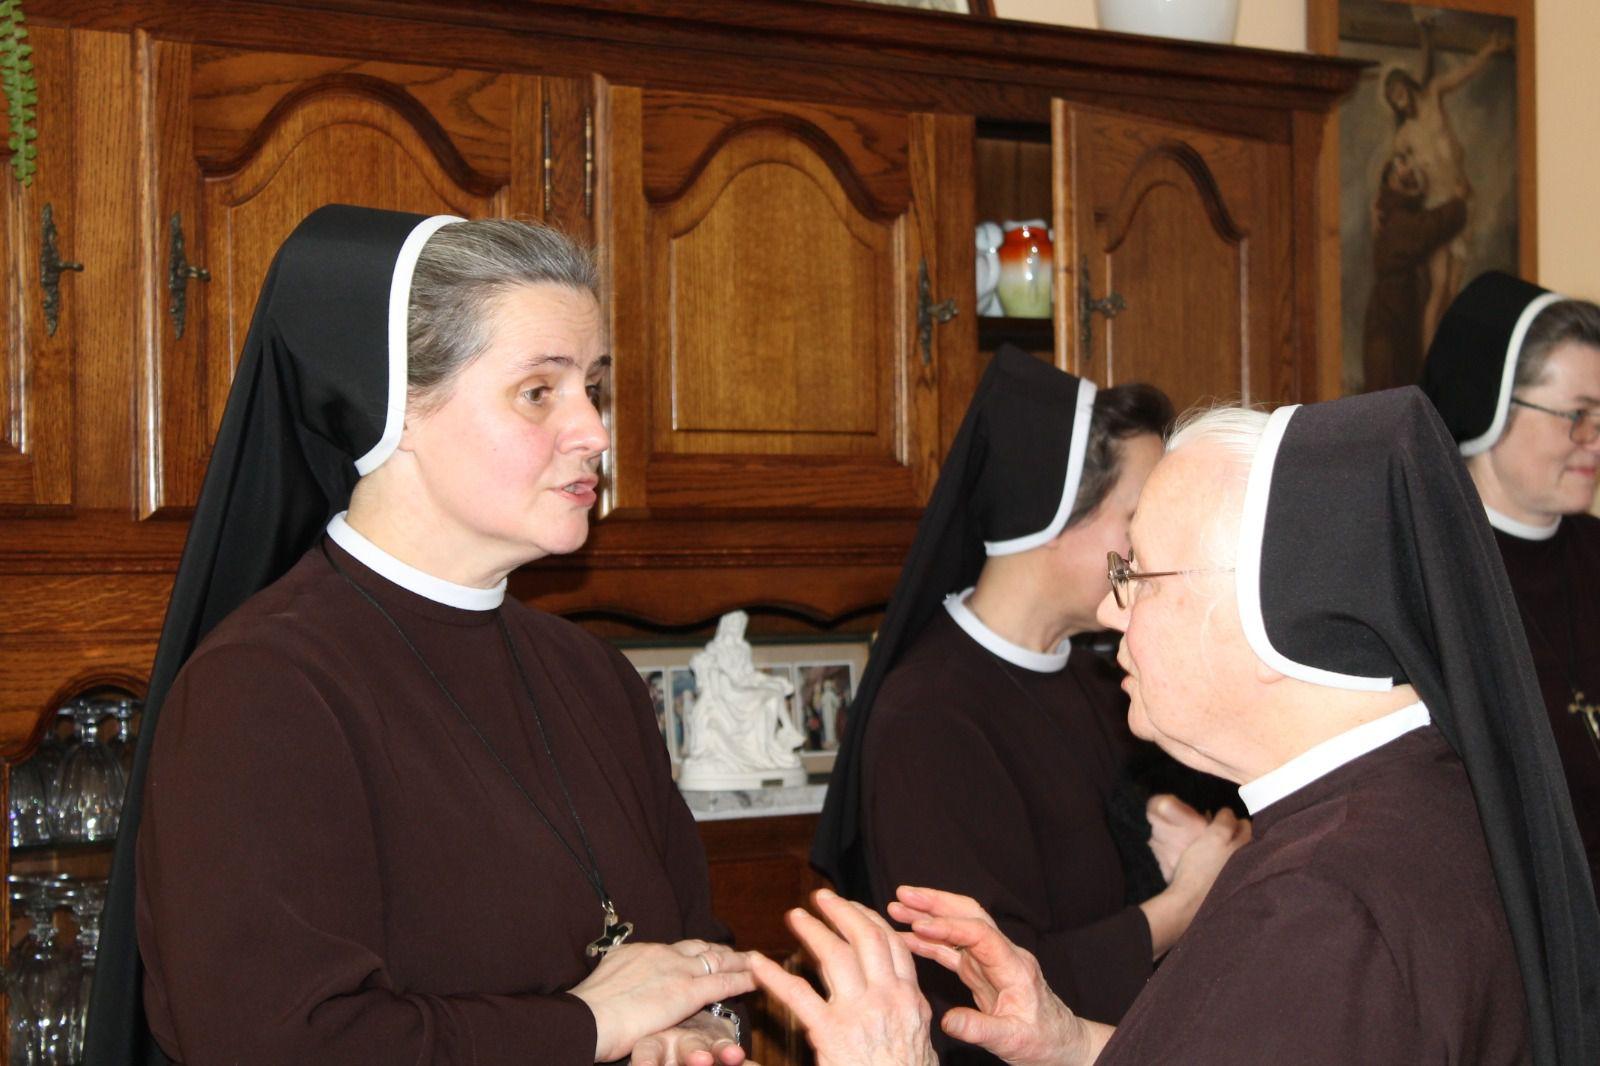 Visite canonique de Mère Générale dans nos communautés: Montmorency et Deuil. Wizytacja Matki Gereralnej naszych wspolnot: Montmorency i Deeuil.